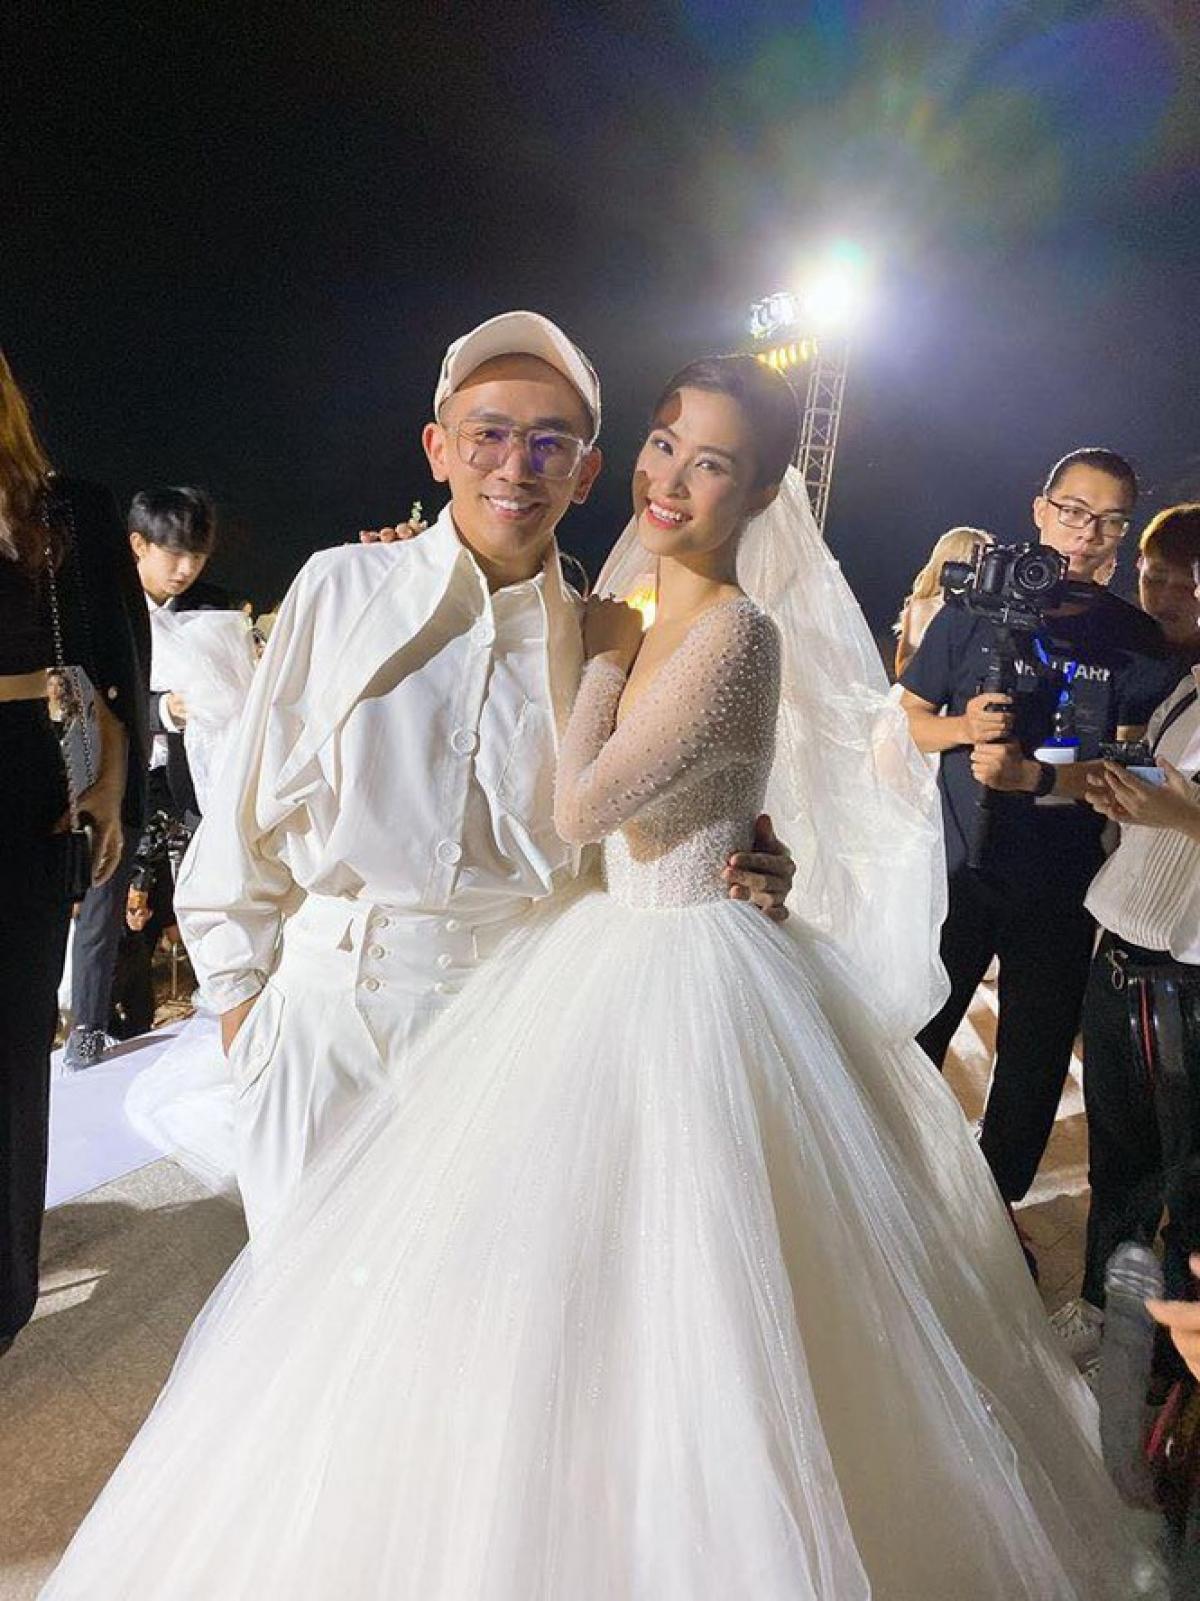 Phan Minh Lộc là chuyên gia trang điểm được các nghệ sĩ Việt vô cùng quý trọng.